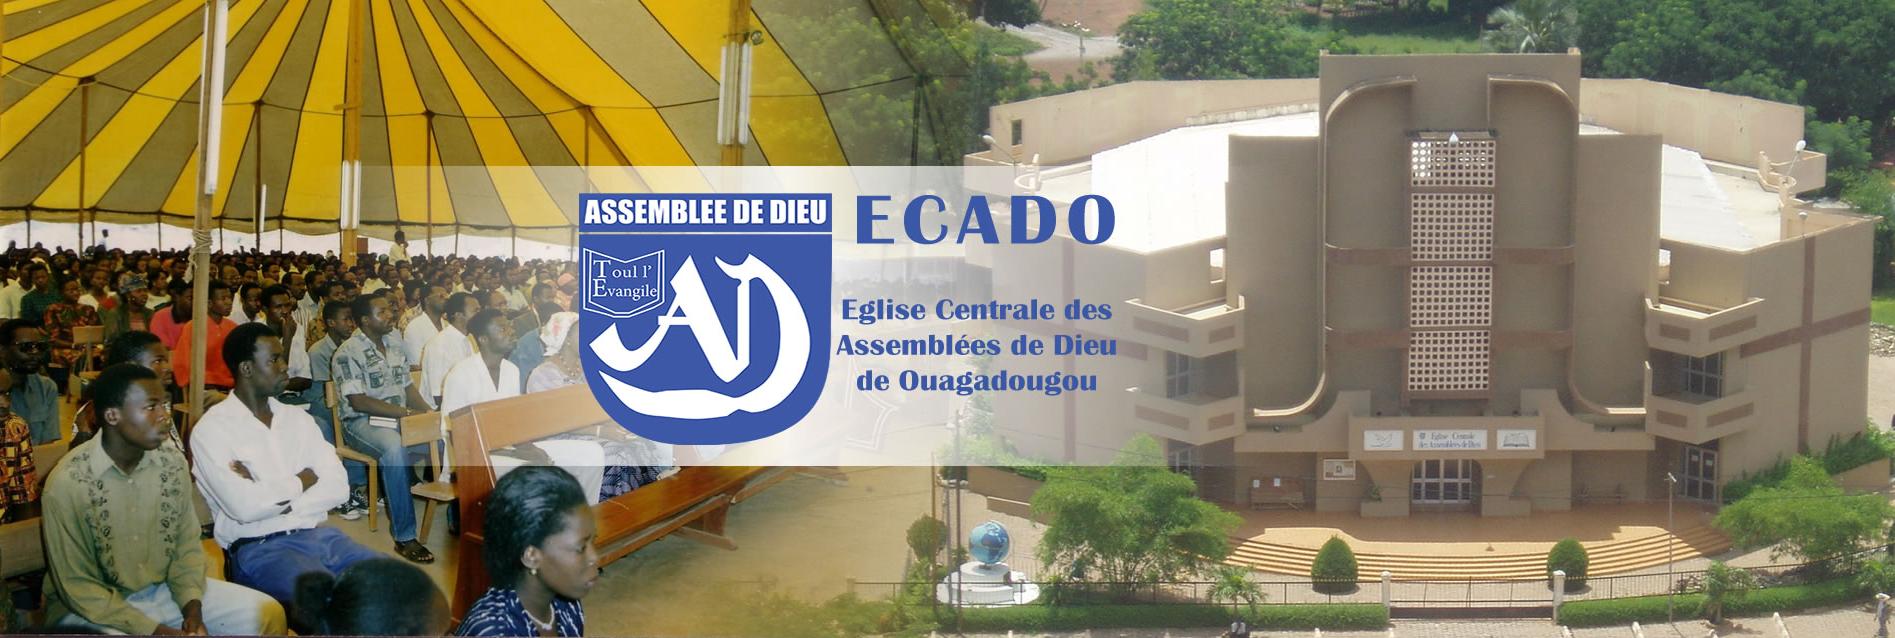 ECADO Historique